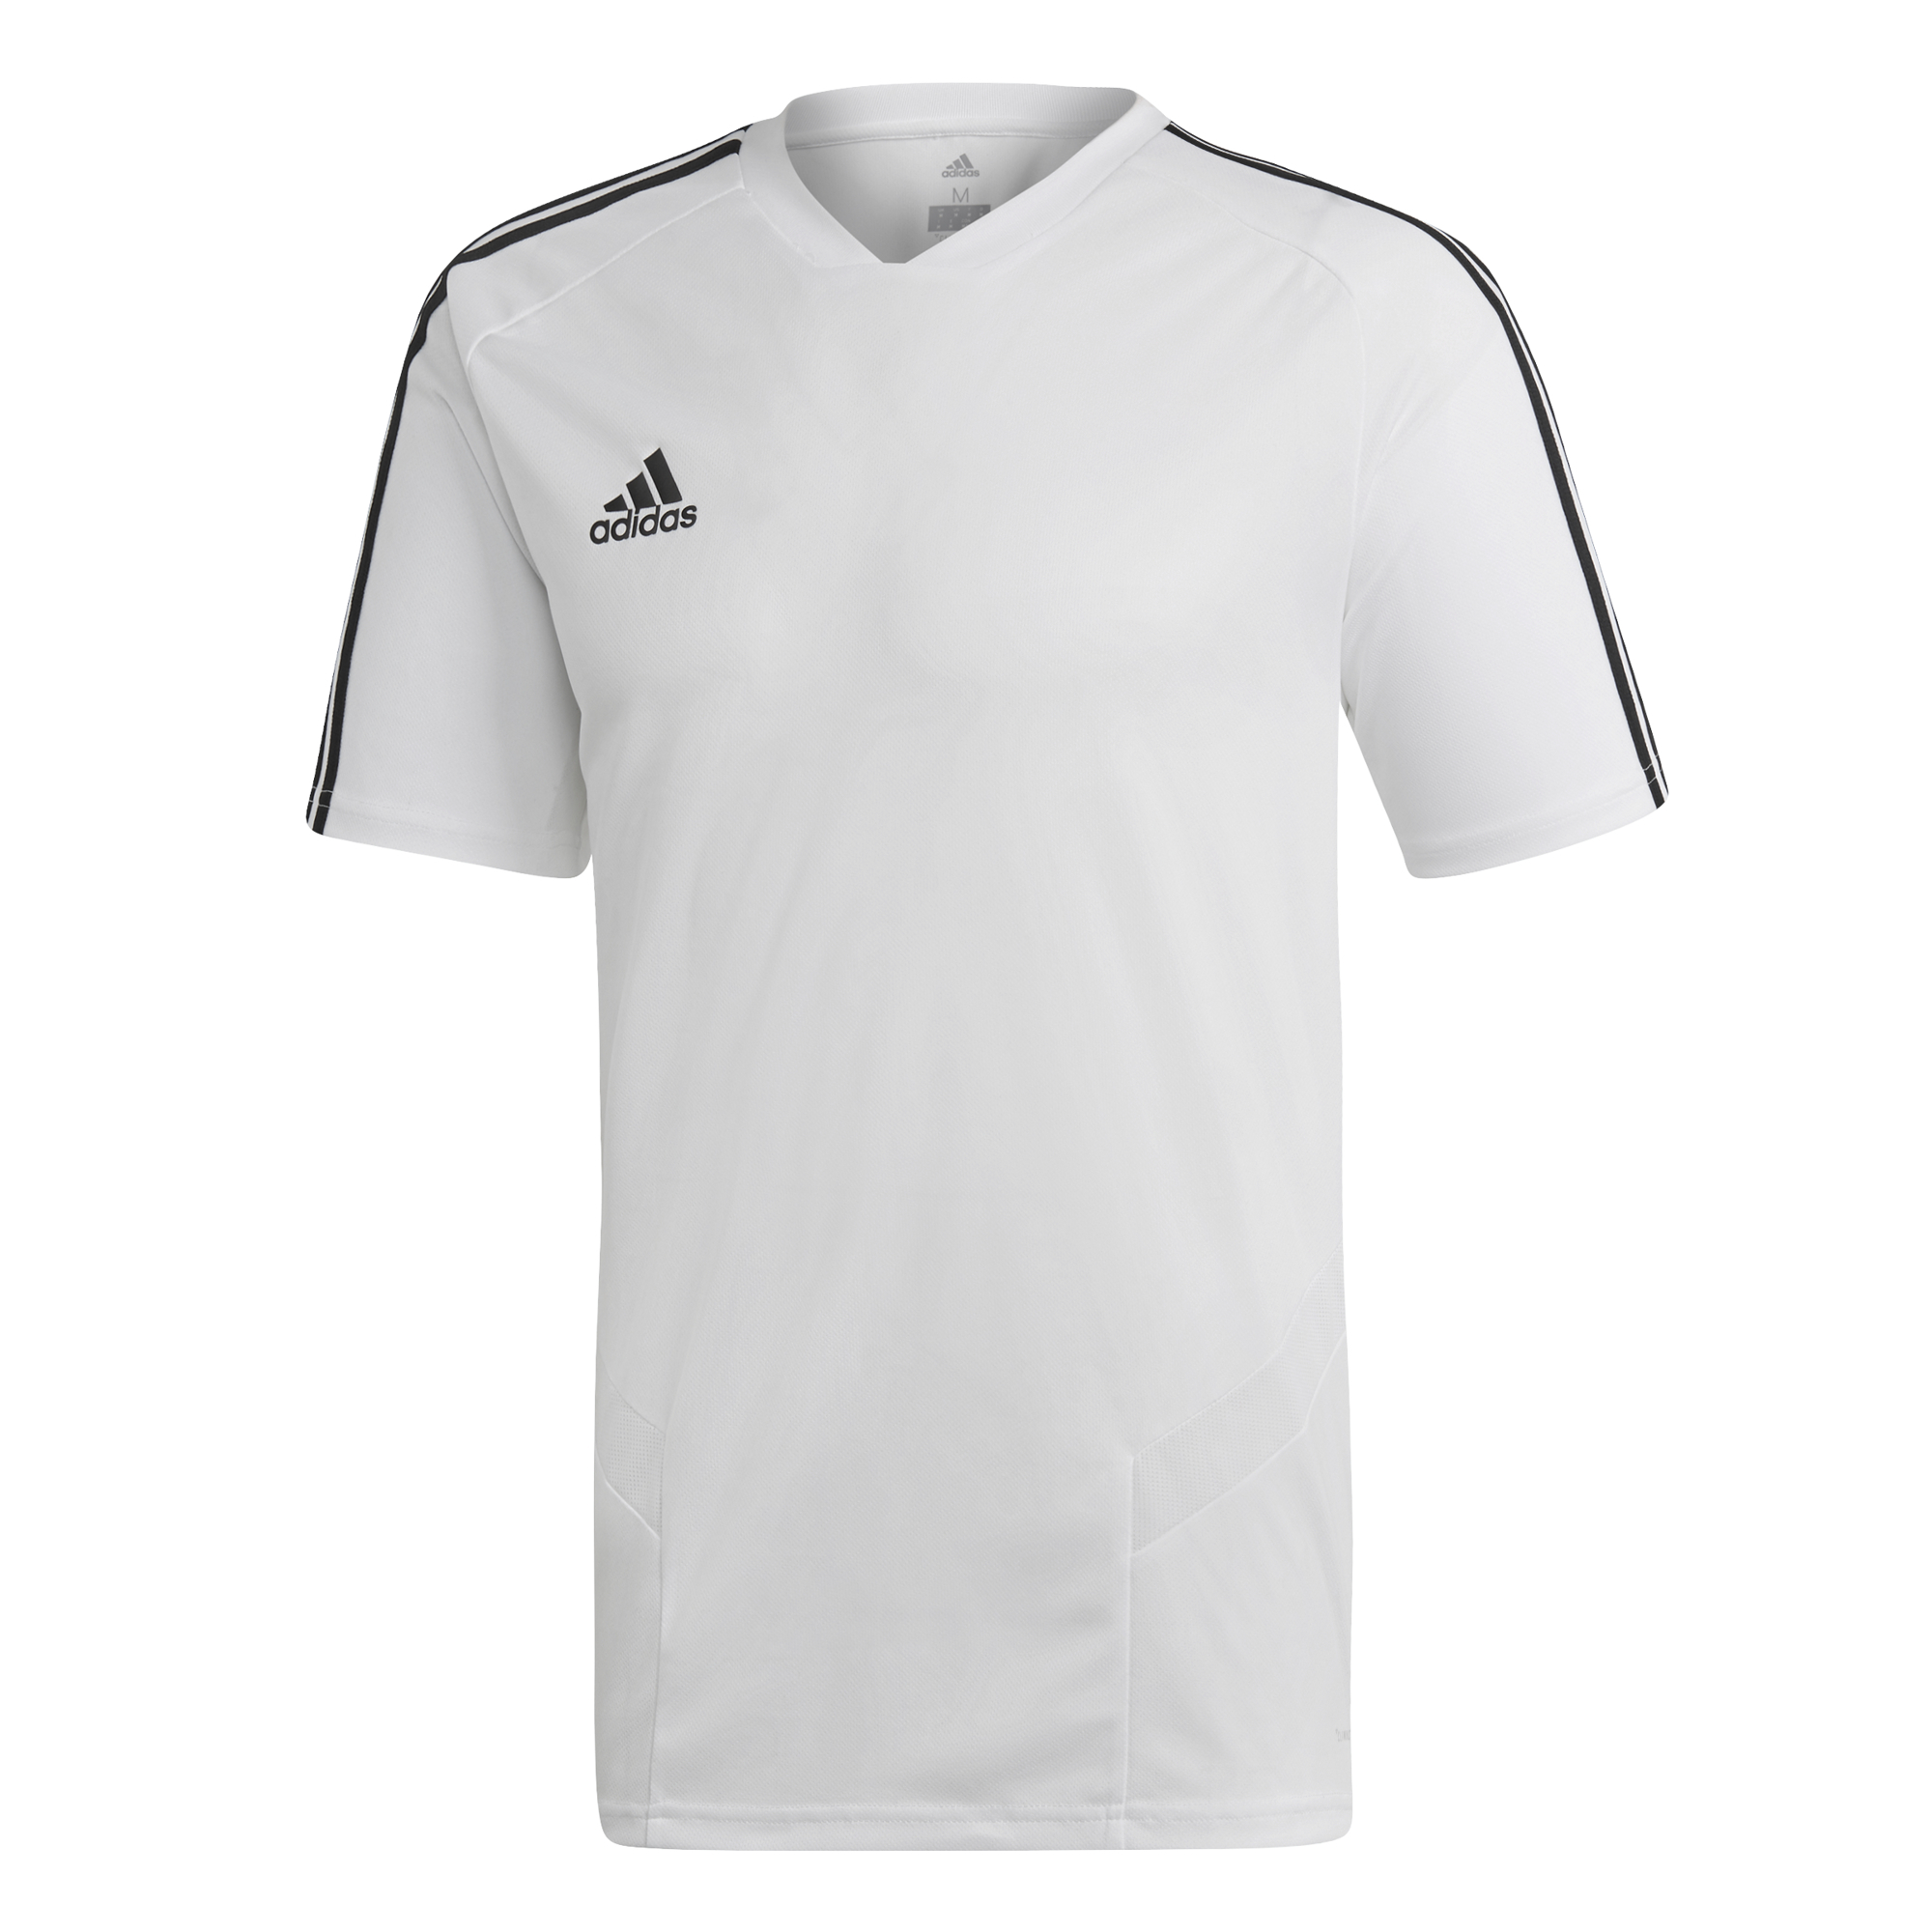 ADIDAS tréninkové triko Tiro 19